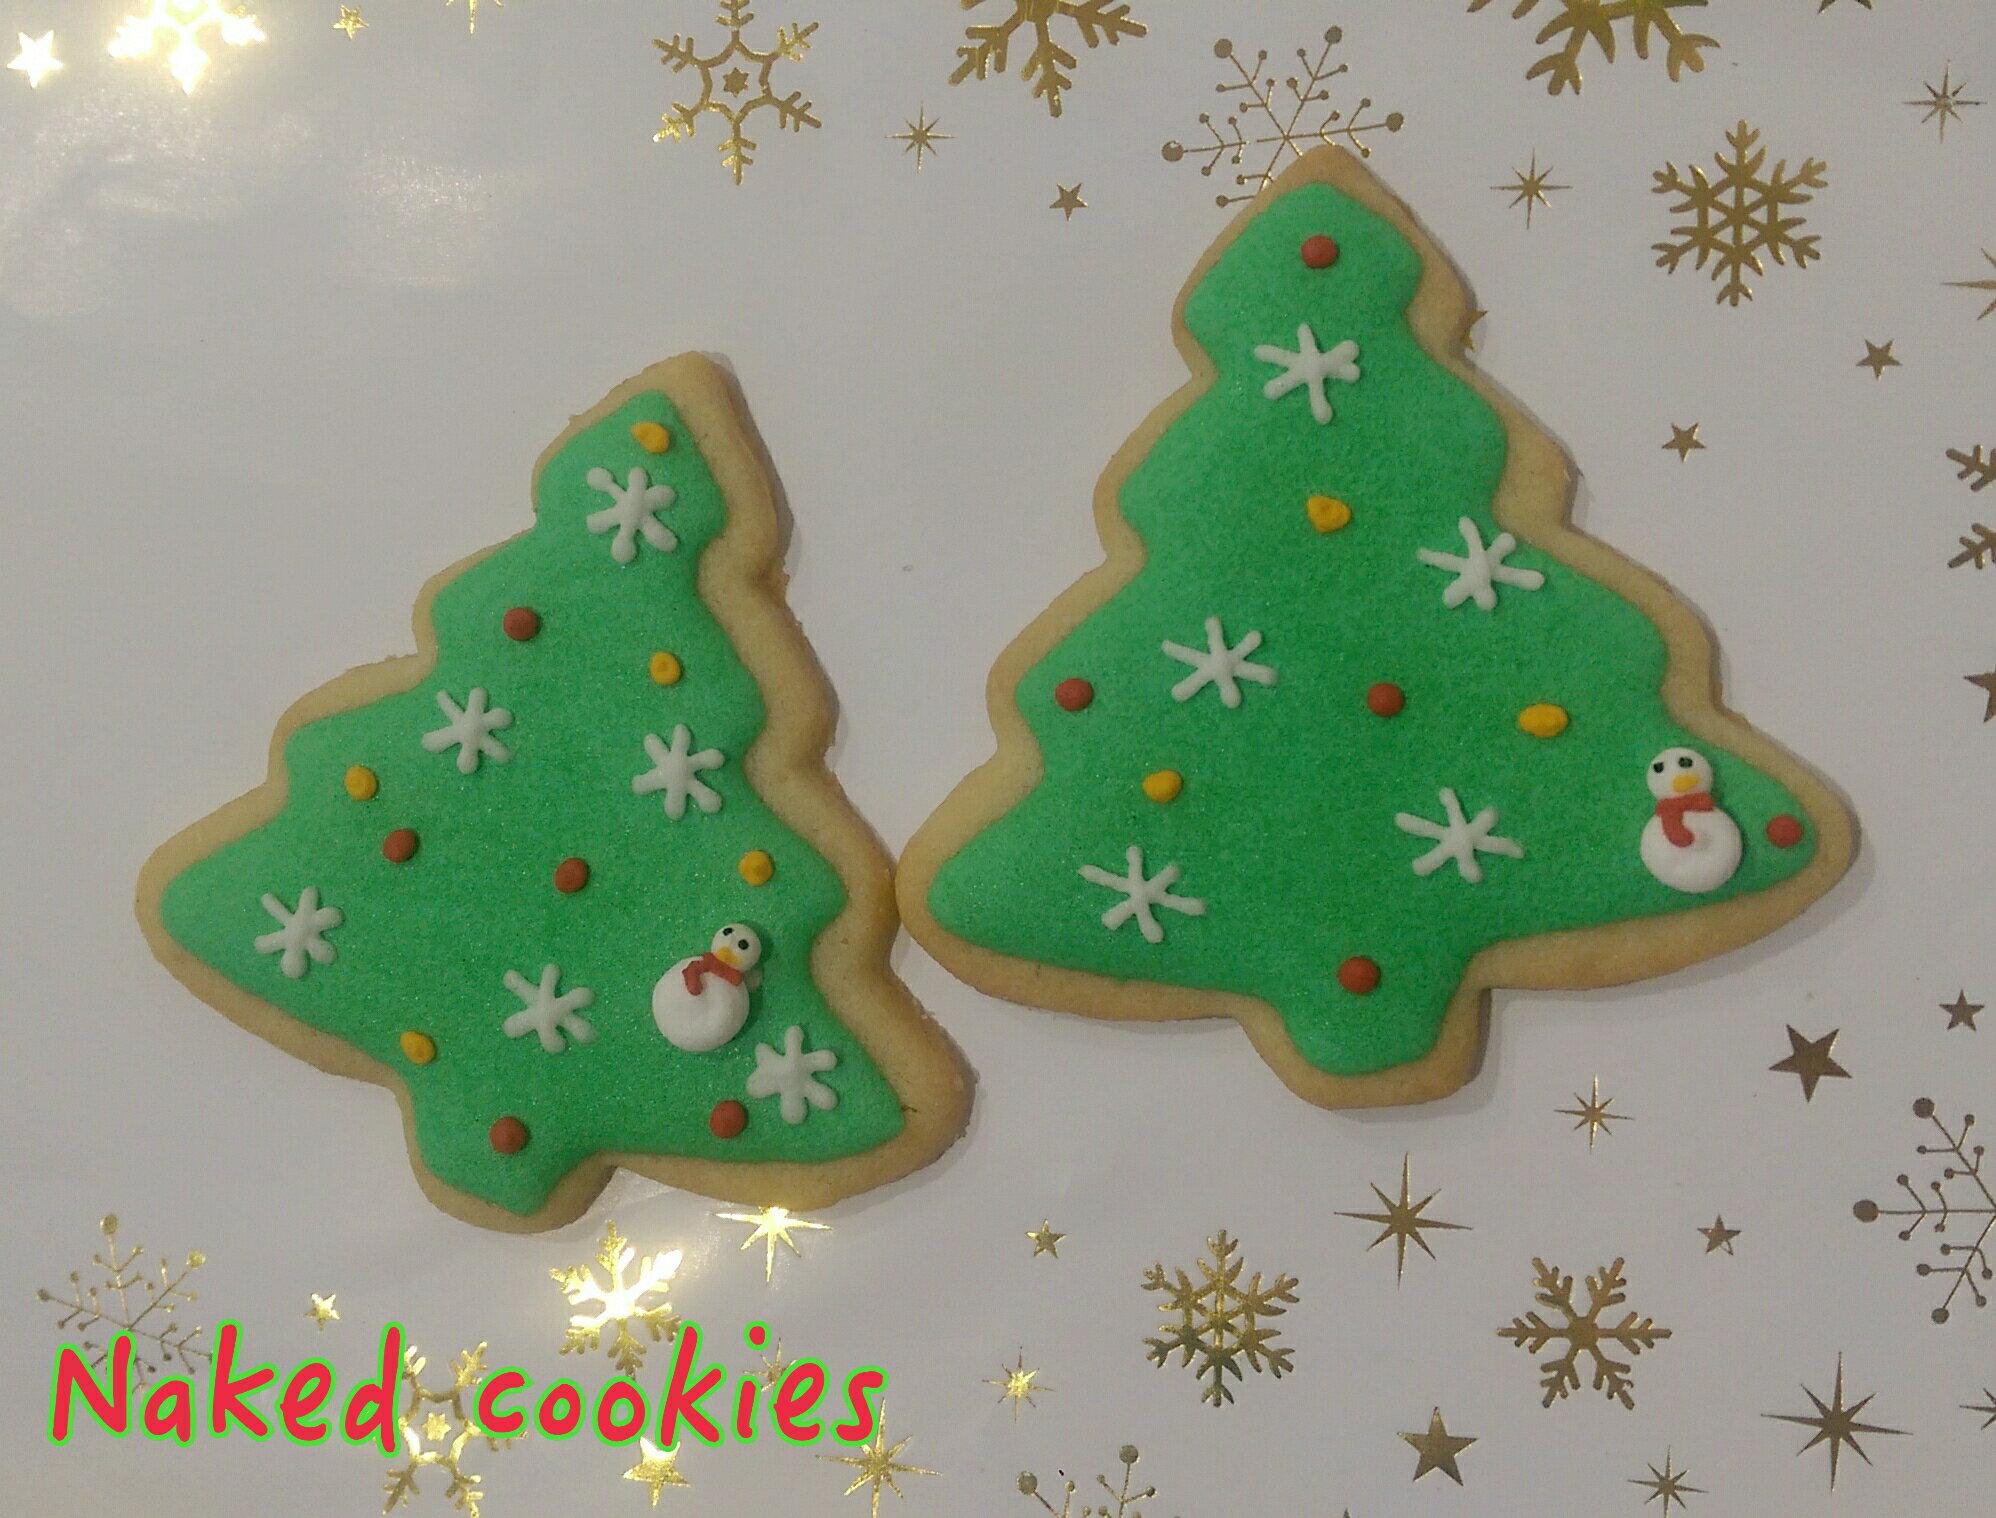 【裸餅乾Naked Cookies】聖誕樹(4)6入-創意手工糖霜餅乾,婚禮小物/生日/活動/收涎/彌月